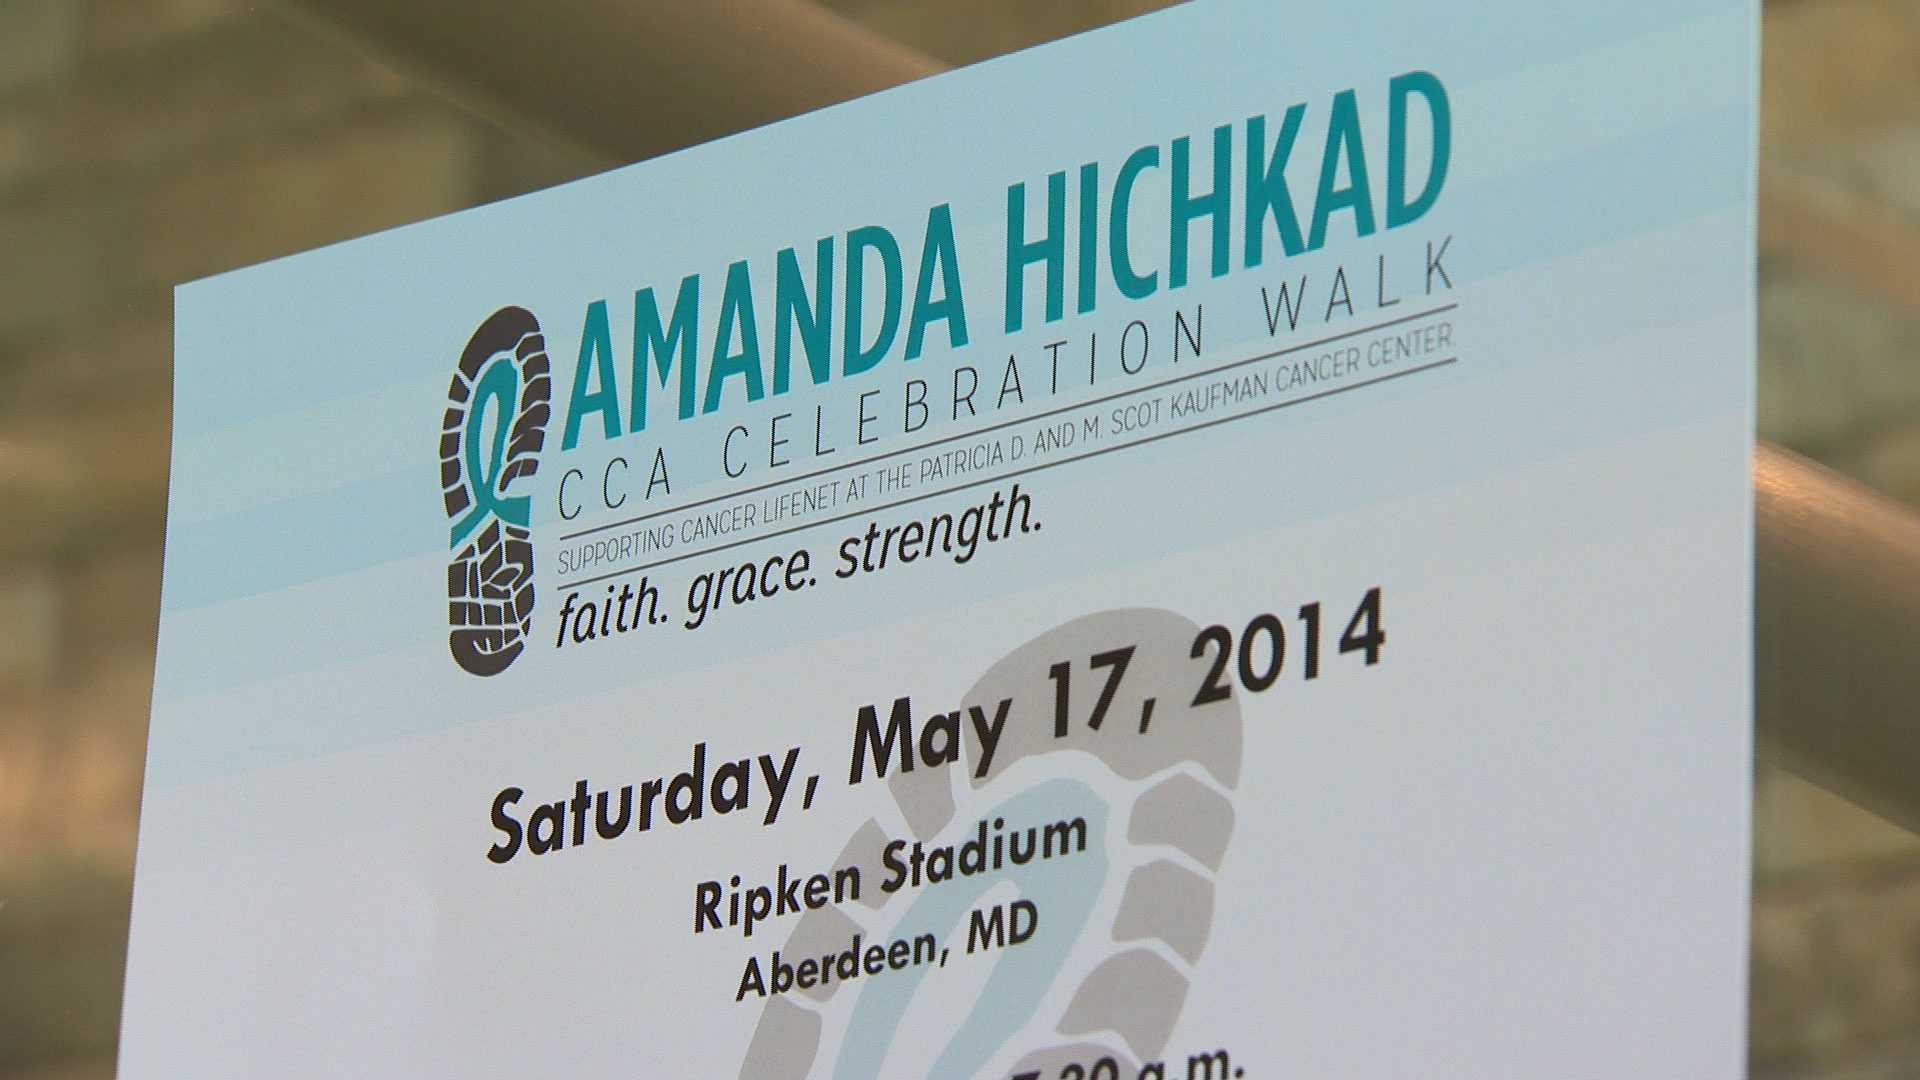 Amanda Hichkad CCA Celebration Walk